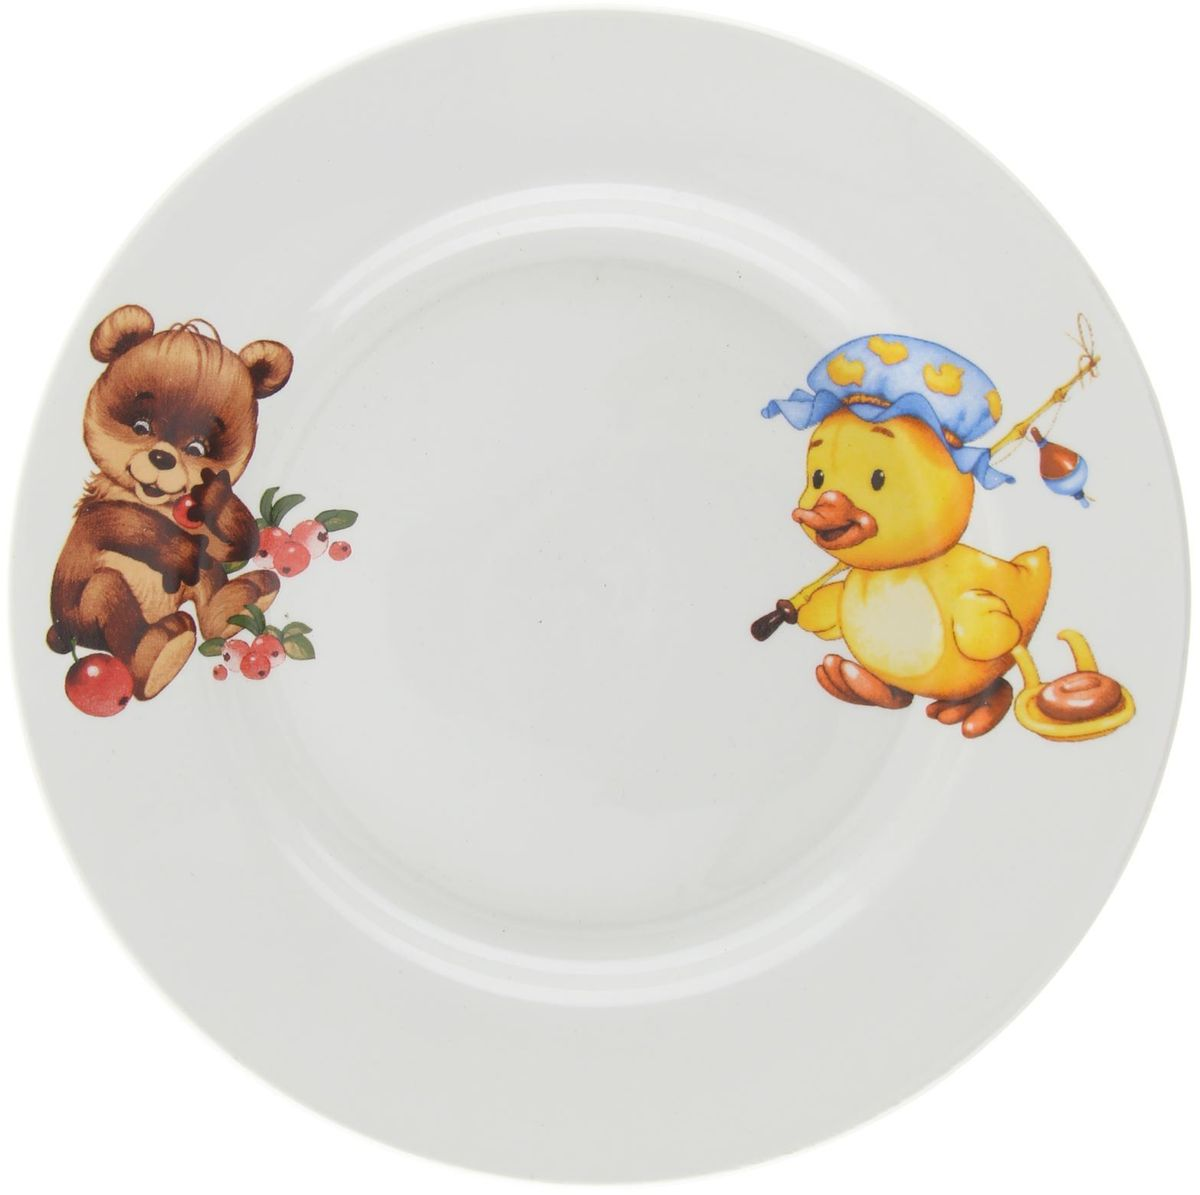 Кубаньфарфор Тарелка детская Утенок, медвежонок1301366Фаянсовая детская посуда с забавным рисунком понравится каждому малышу. Изделие из качественного материала станет правильным выбором для повседневной эксплуатации и поможет превратить каждый прием пищи в радостное приключение.Особенности:- простота мойки,- стойкость к запахам,- насыщенный цвет.